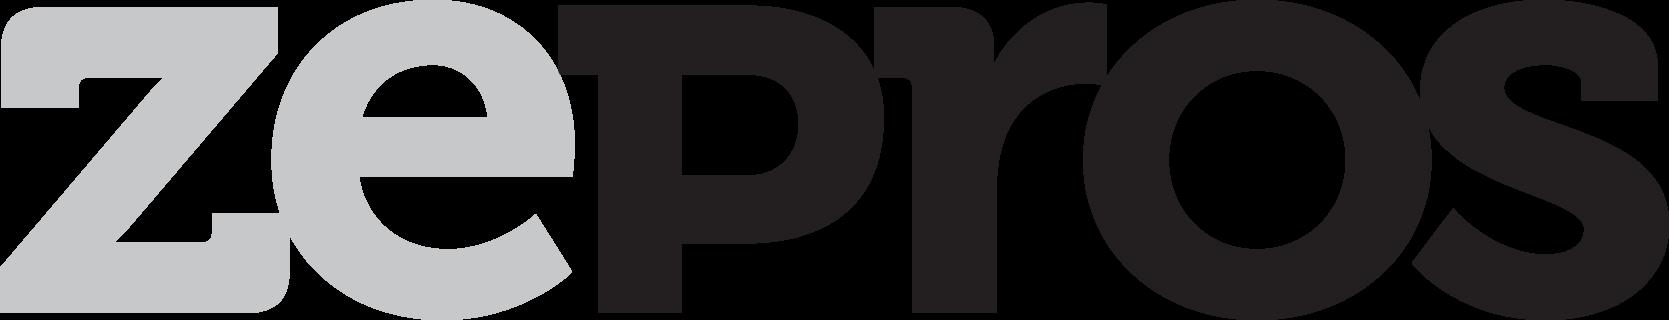 Actualité des professionels - Automobile, Bâtiment, Énergie, Restauration